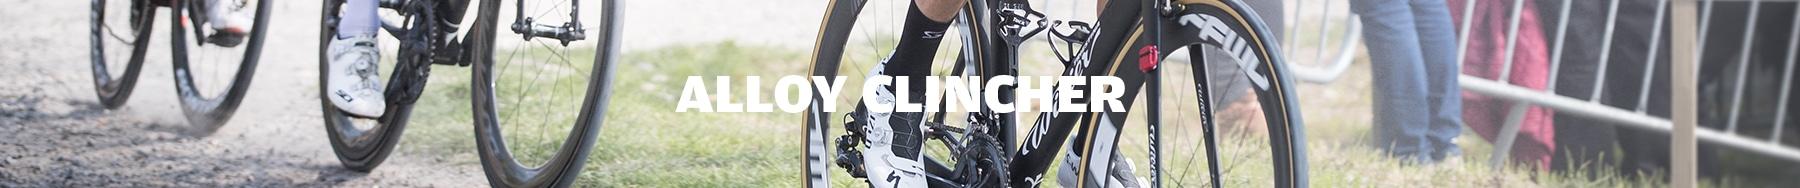 FFWD Wheels Carbon Alloy Clincher Cycling Road Wheels